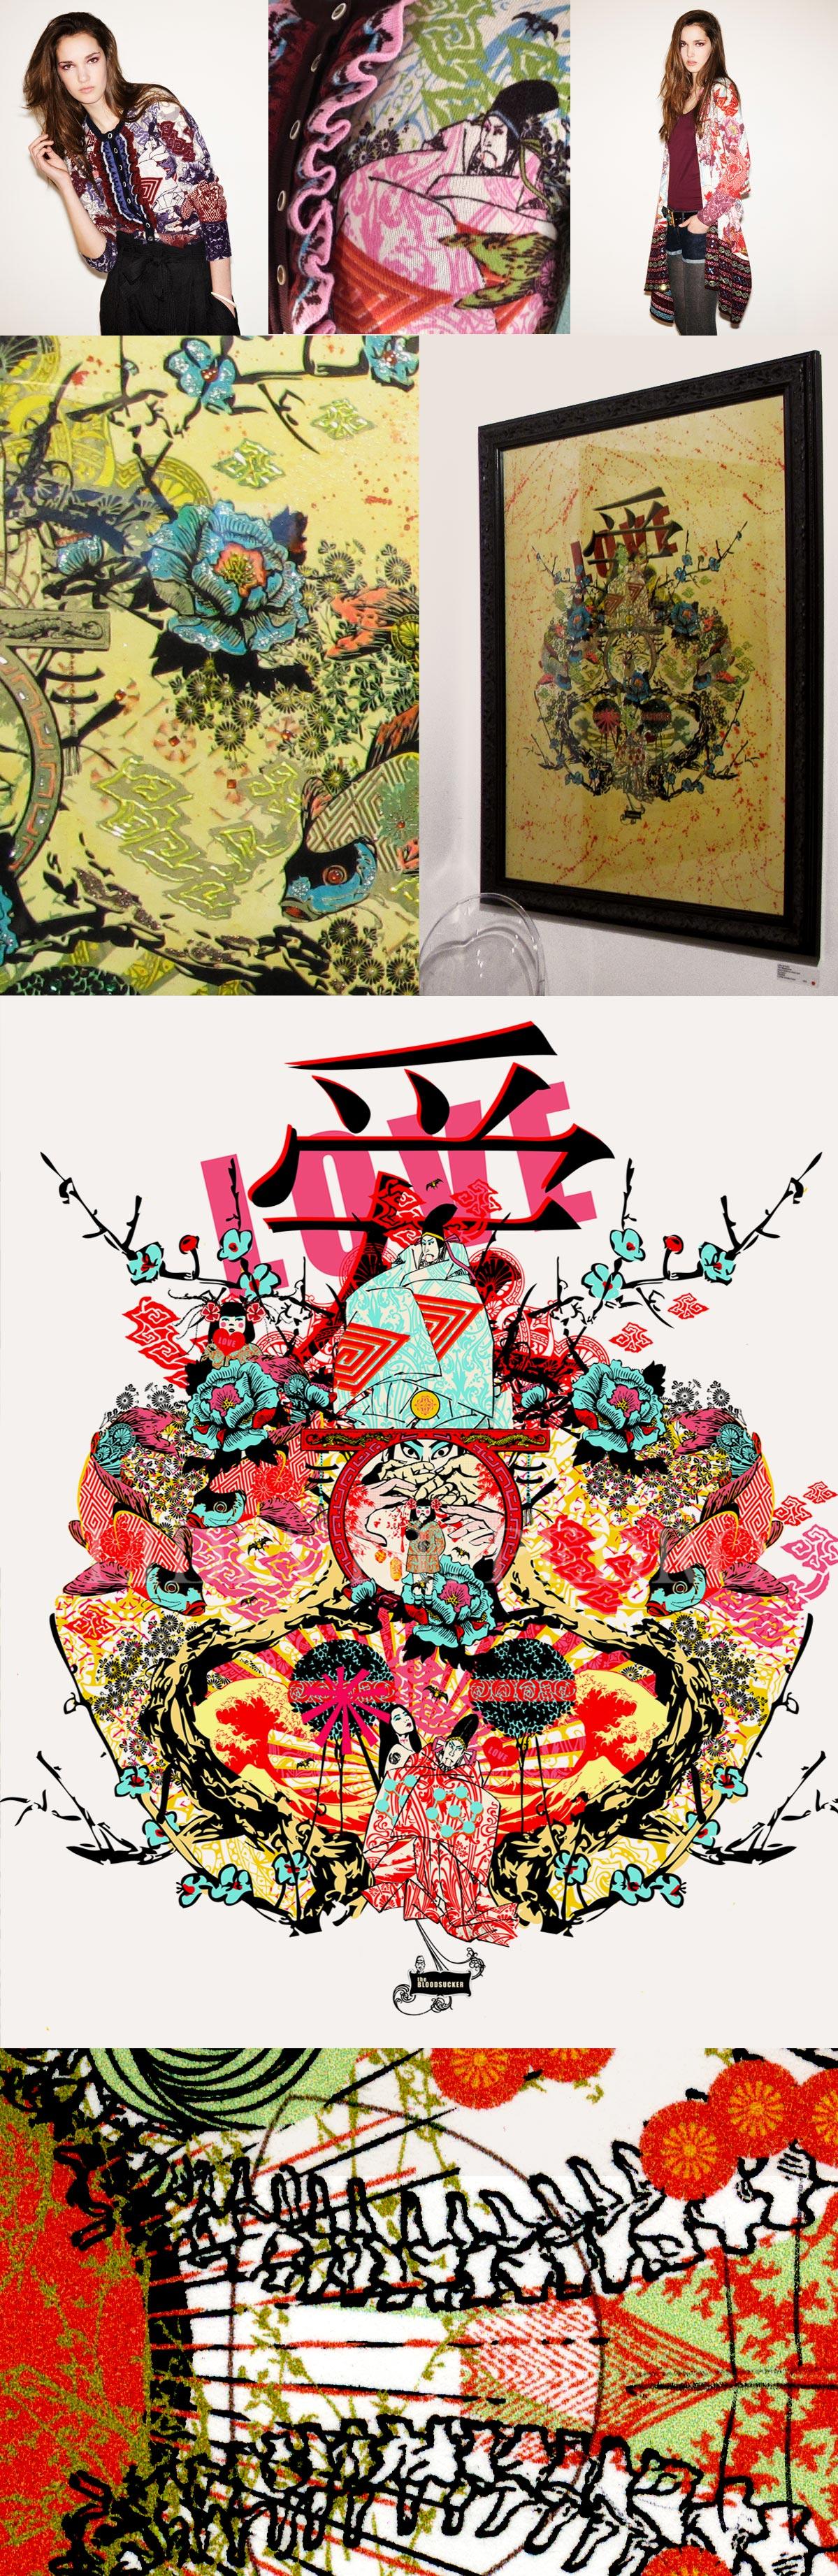 Lidia-de-Pedro_artist_Larkrising_fashion